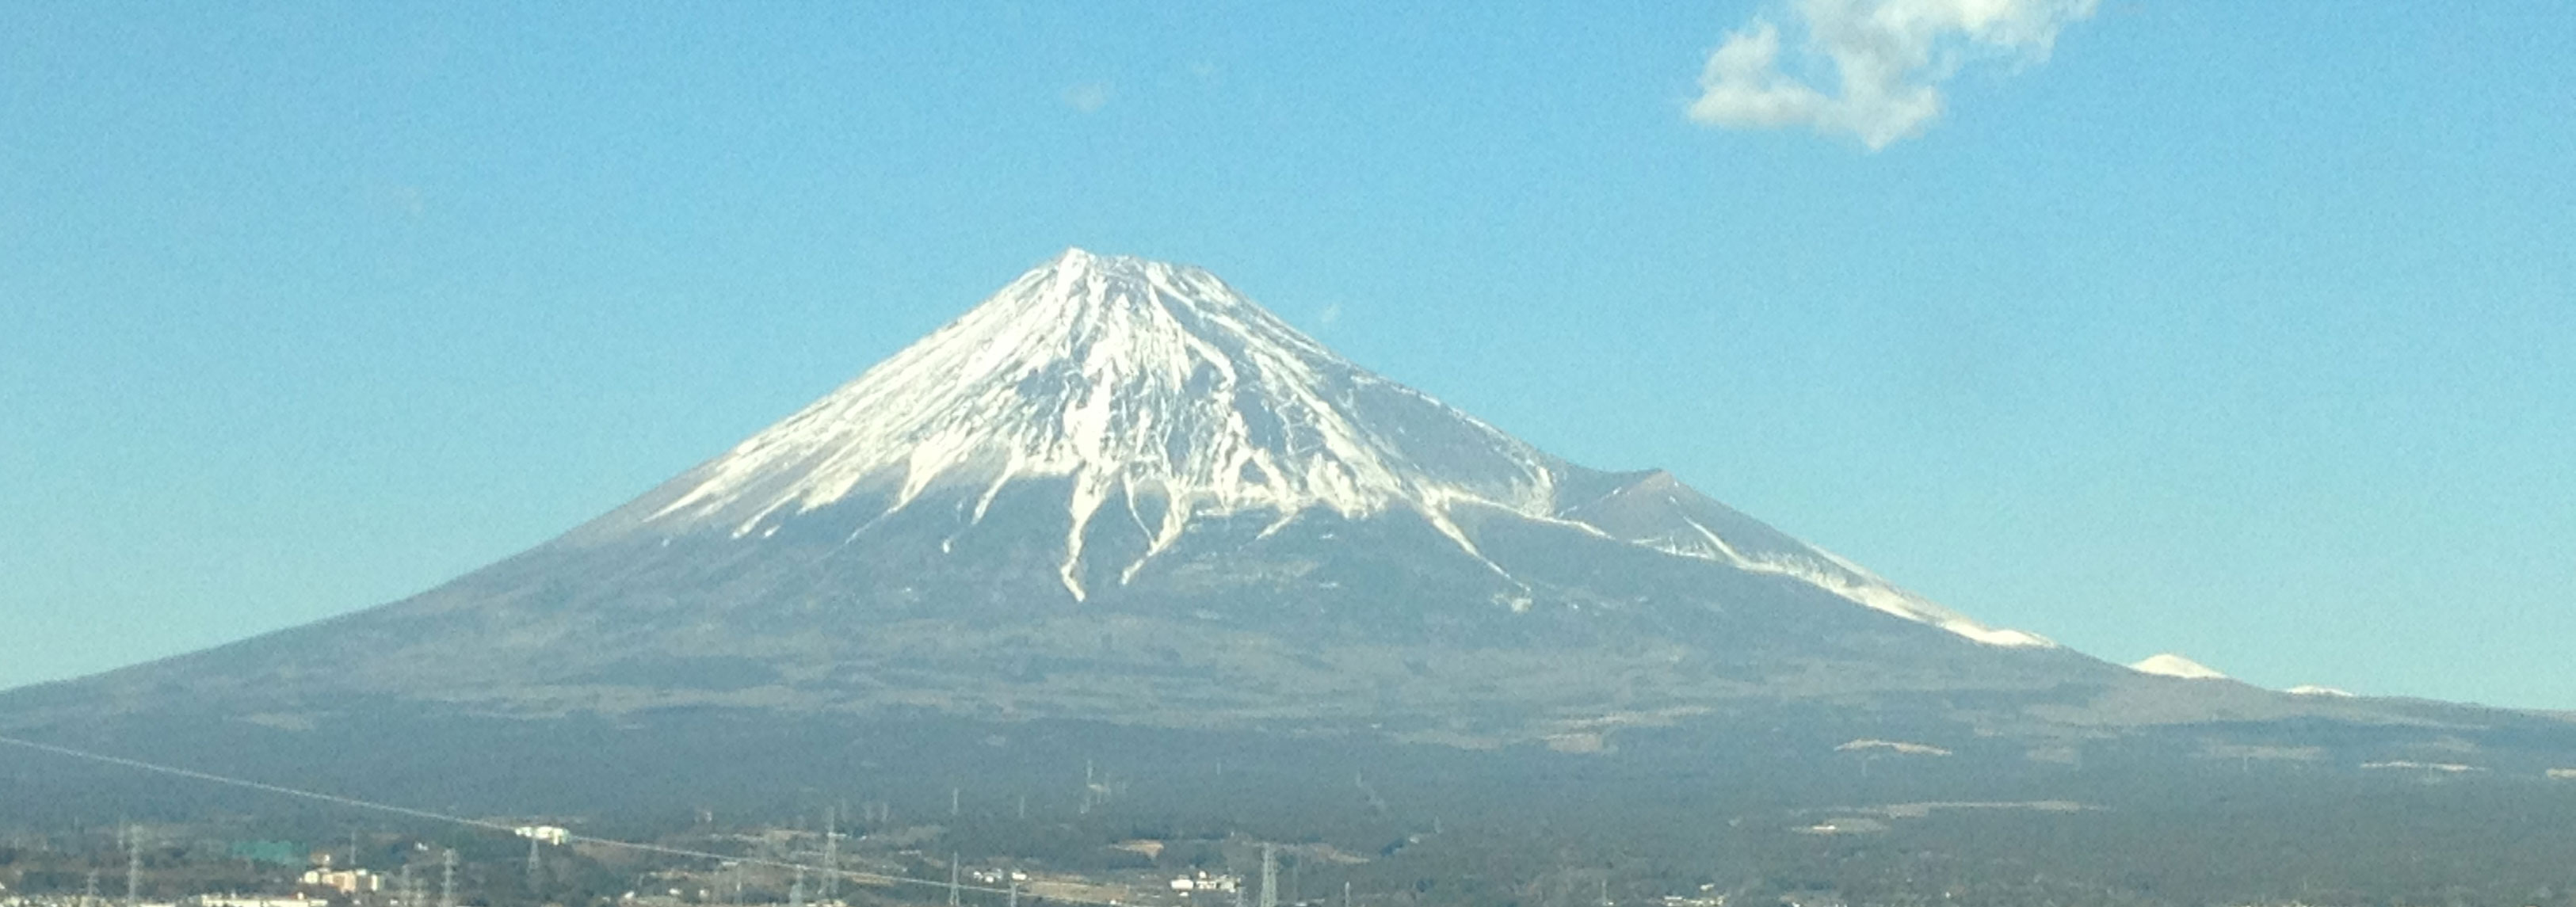 幸せのきっかけづくり 富士山